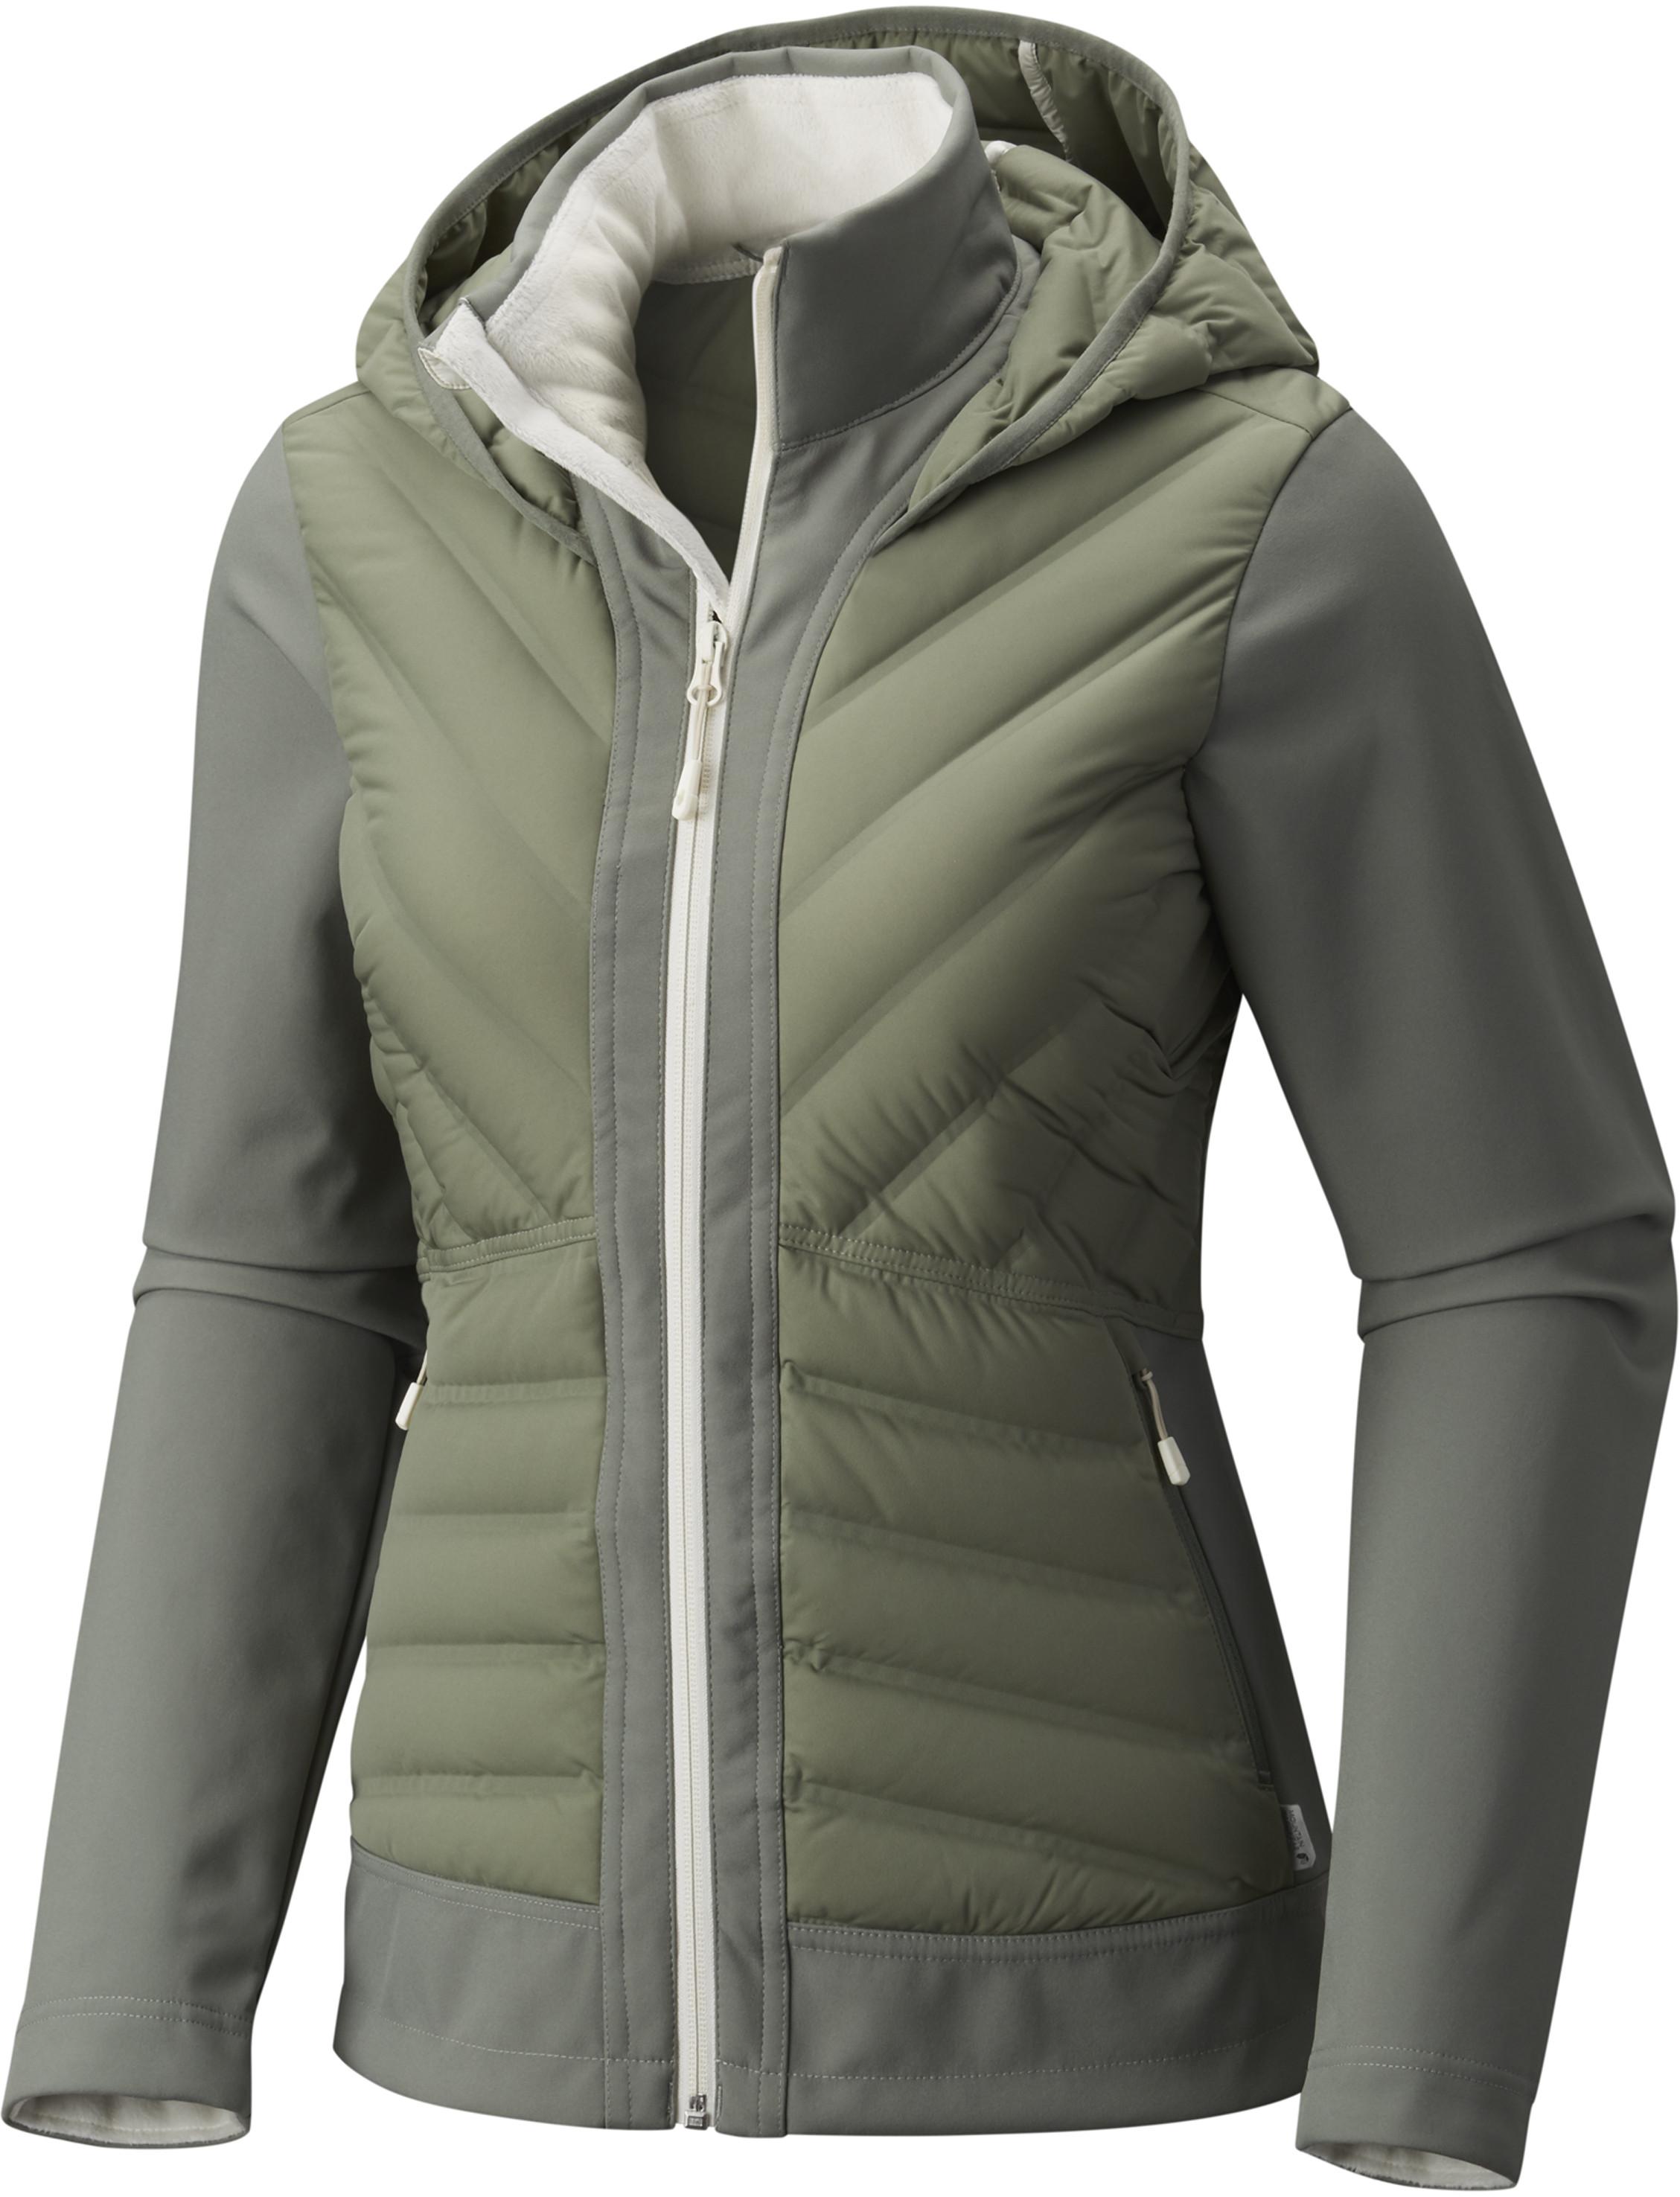 9a8be9505 Mountain Hardwear StretchDown HD Hooded Jacket - Women's